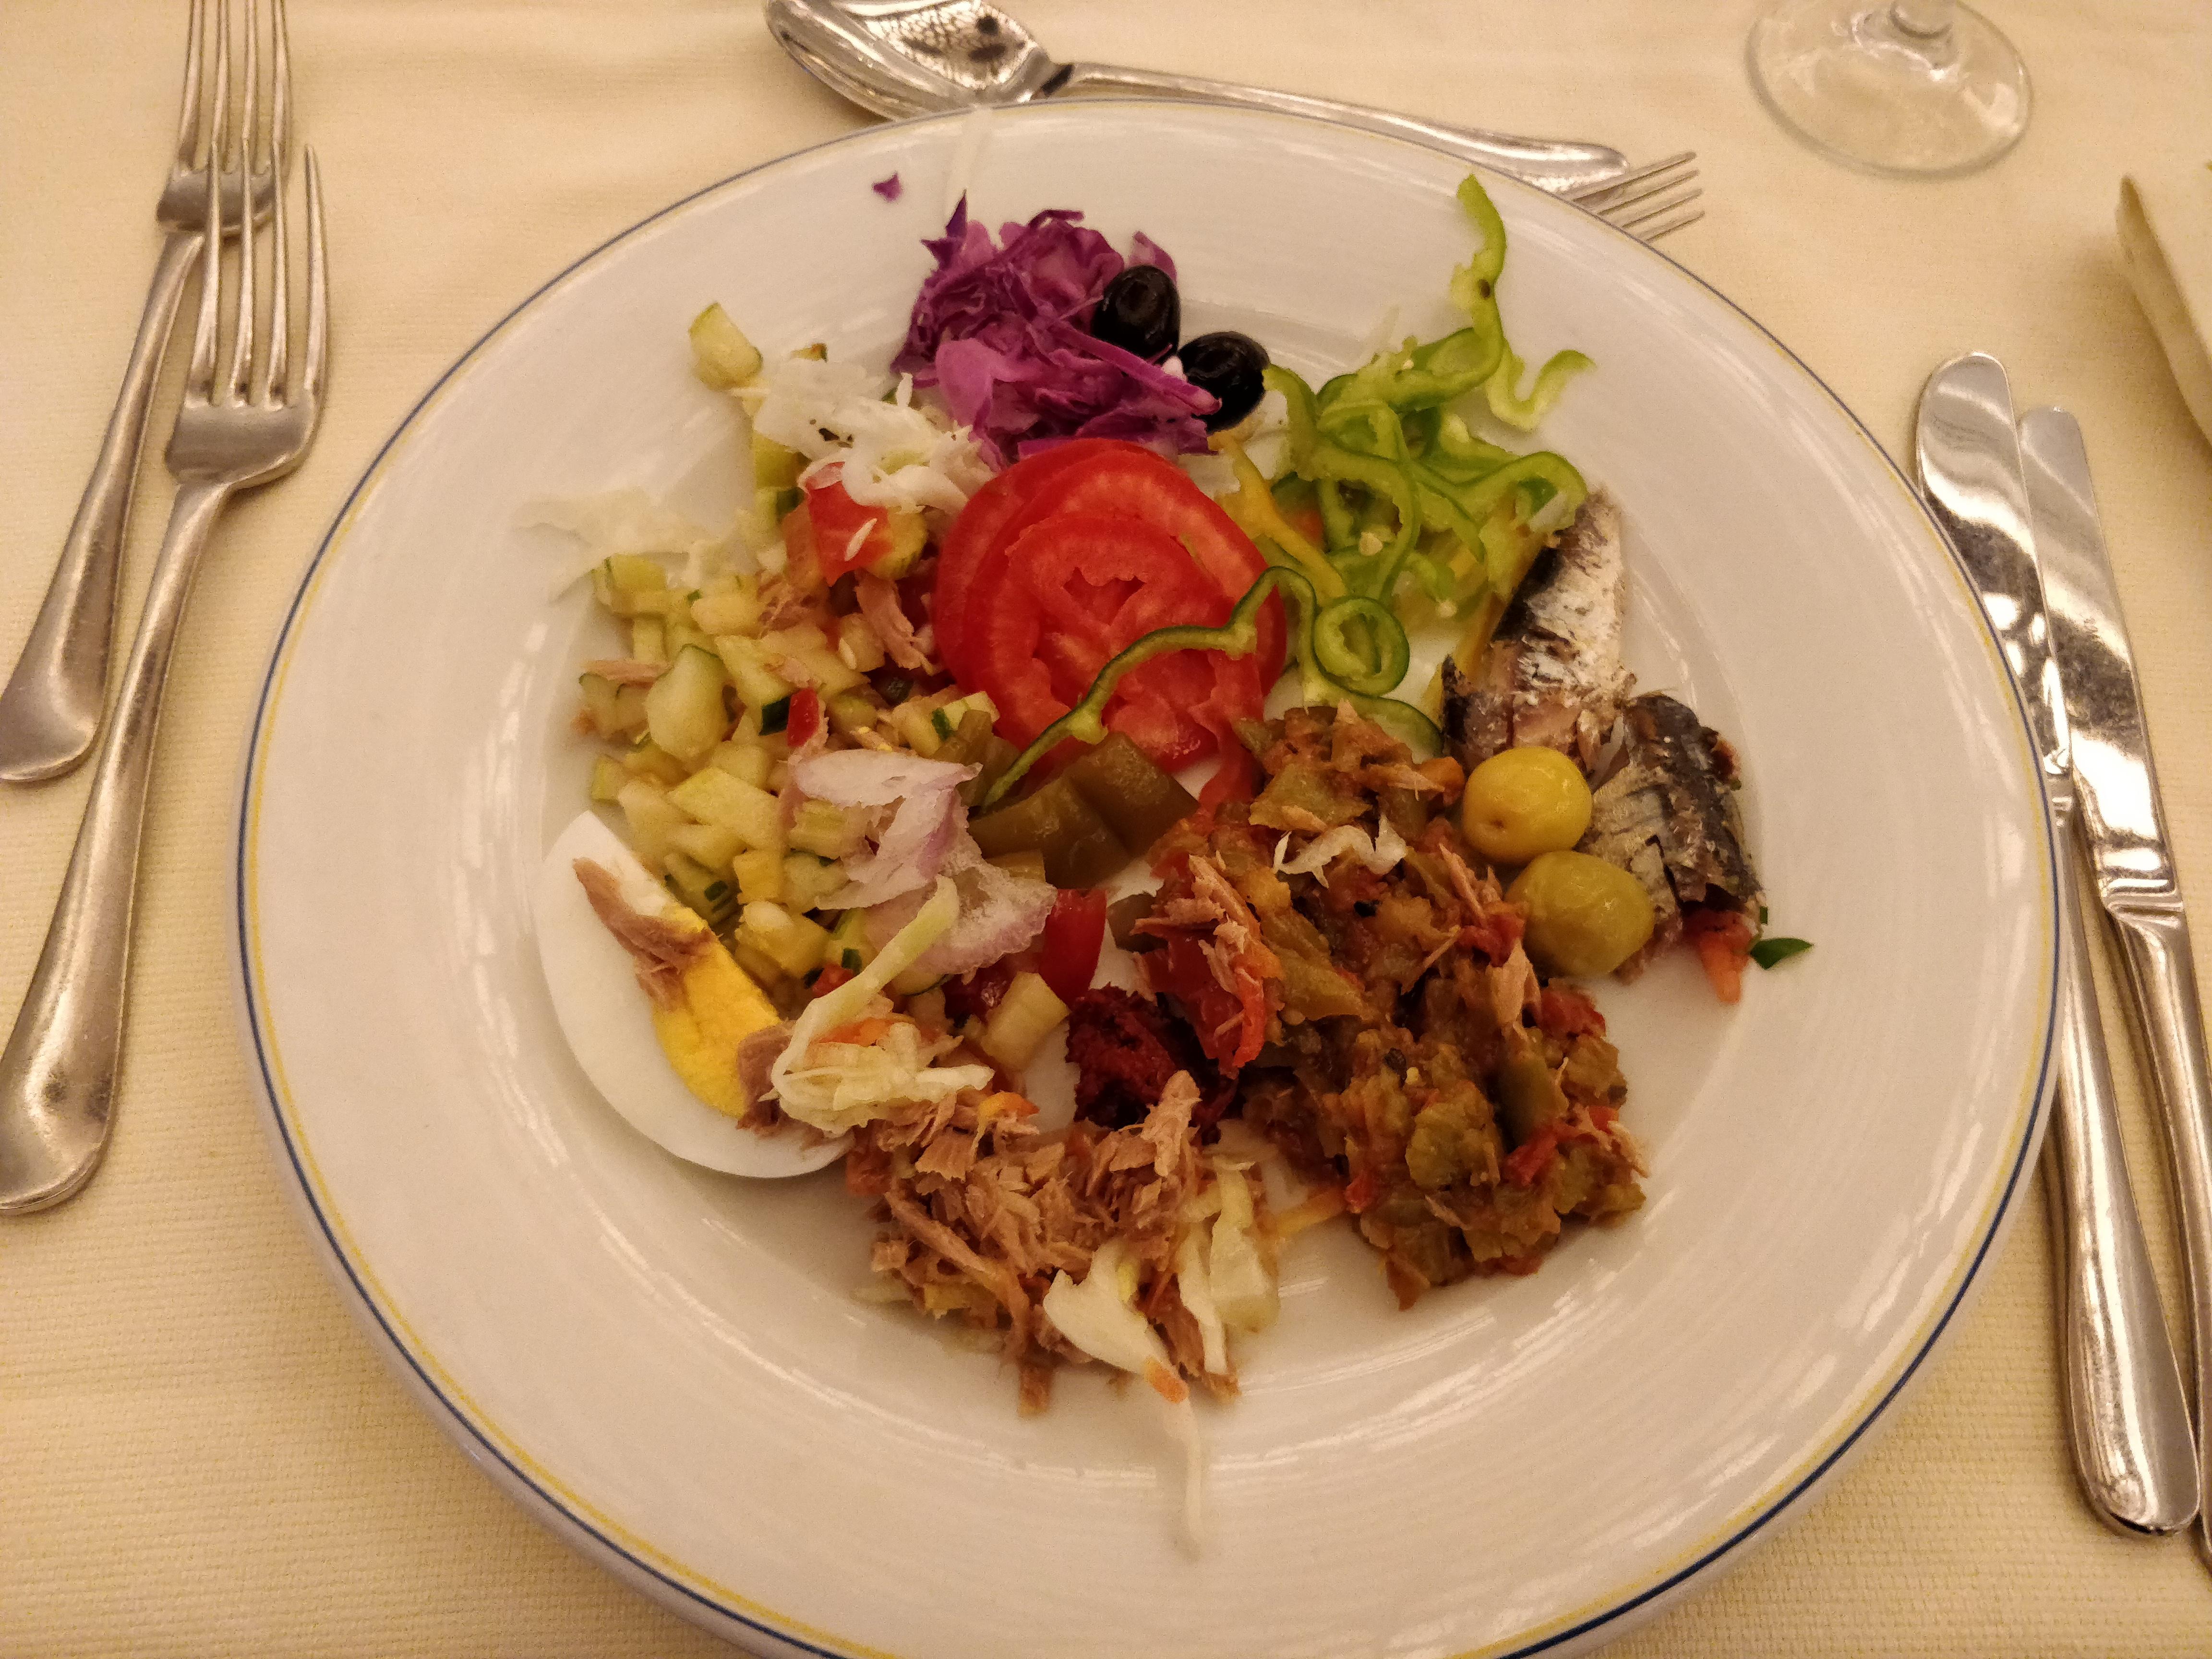 http://foodloader.net/nico_2018-10-26_royal-el-mansour-1.jpg